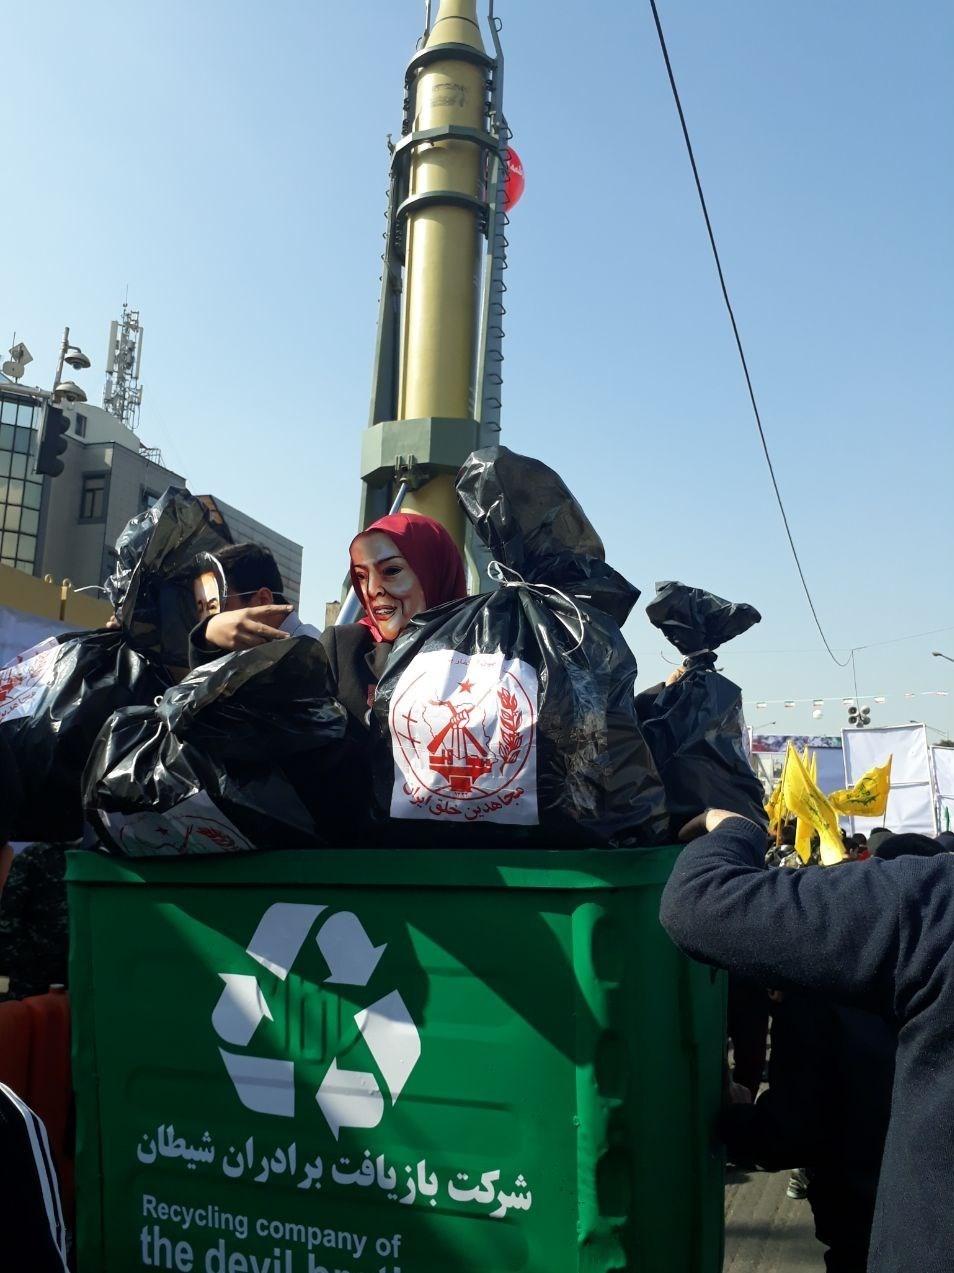 راهپیمایان تهرانی پرچم آمریکا و اسرائیل را آتش زدند +عکس